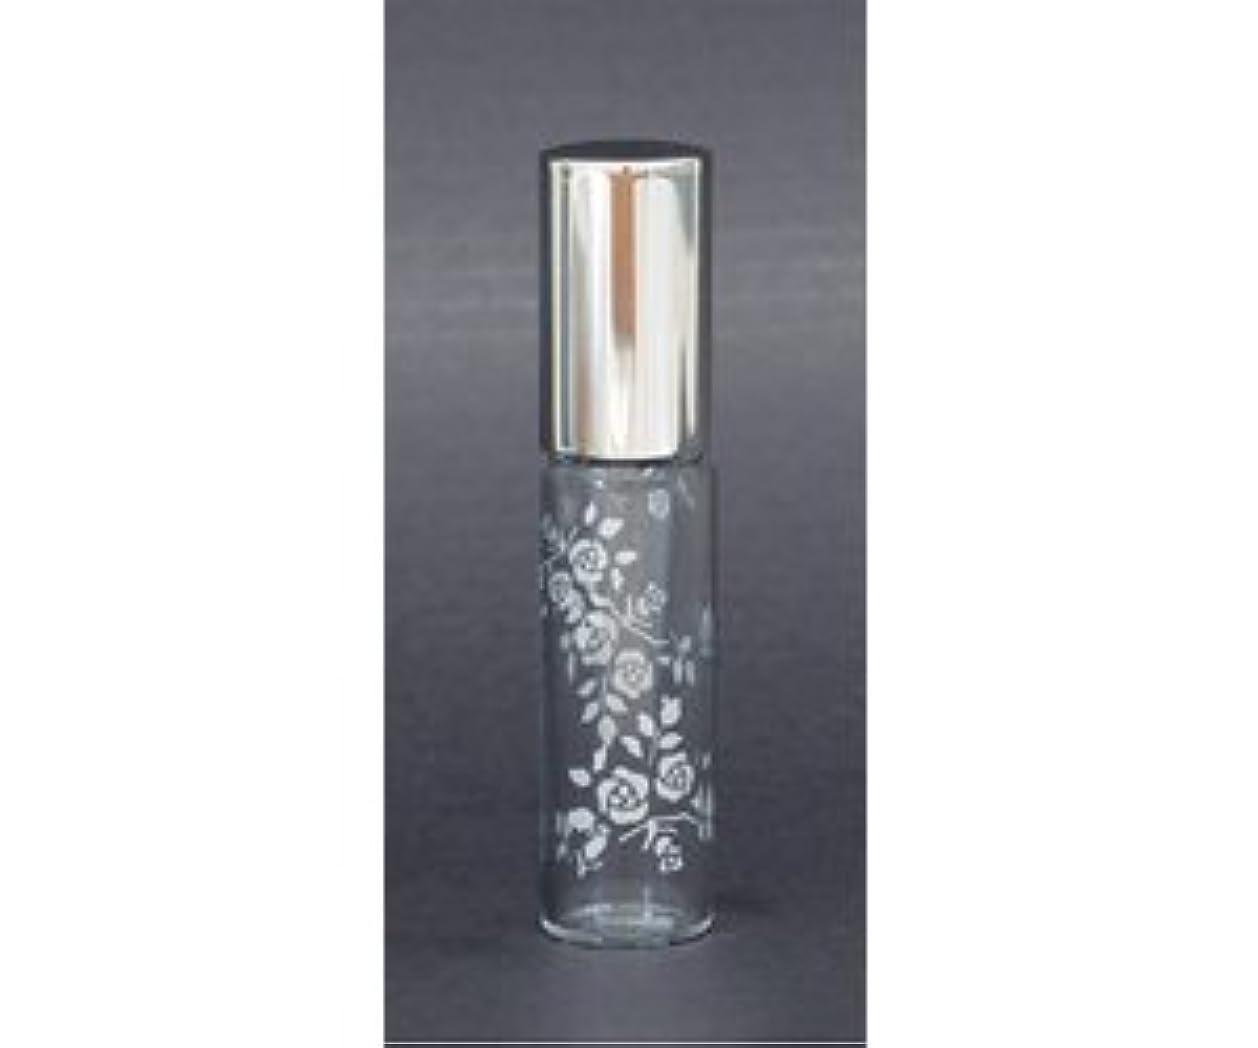 ブランチ単なる軽ヤマダアトマイザー コロプチ パフュームローラー 香水 携帯用 詰め換え用付属品入り 60714 アトマイザー